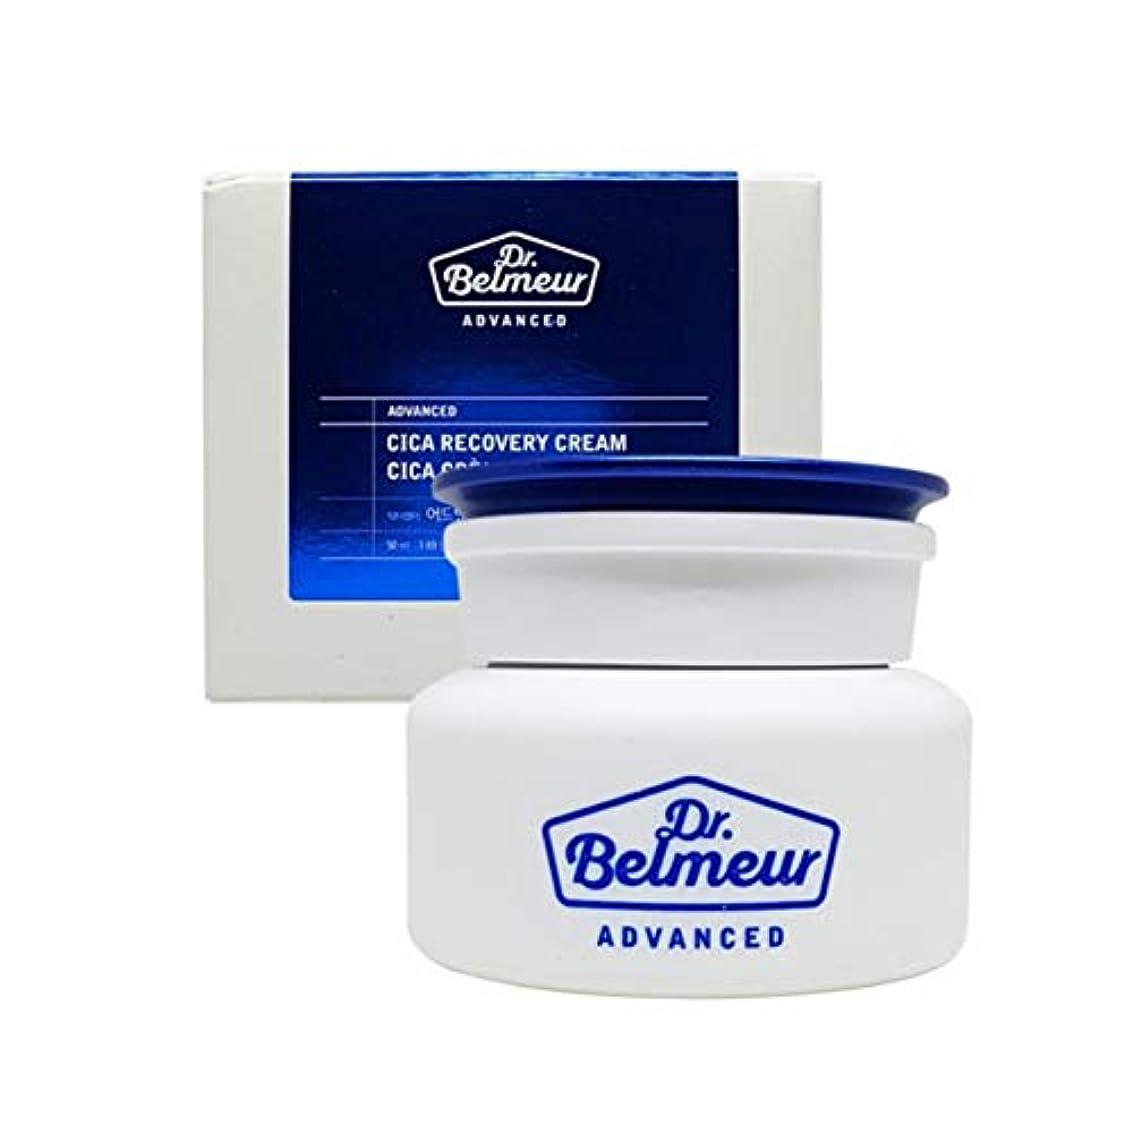 美しいトランクライブラリ性交ザ?フェイスショップドクターベルモアドバンスドシカリカバリークリーム50ml 韓国コスメ、The Face Shop Dr.Belmeur Advanced Cica Recovery Cream 50ml Korean...